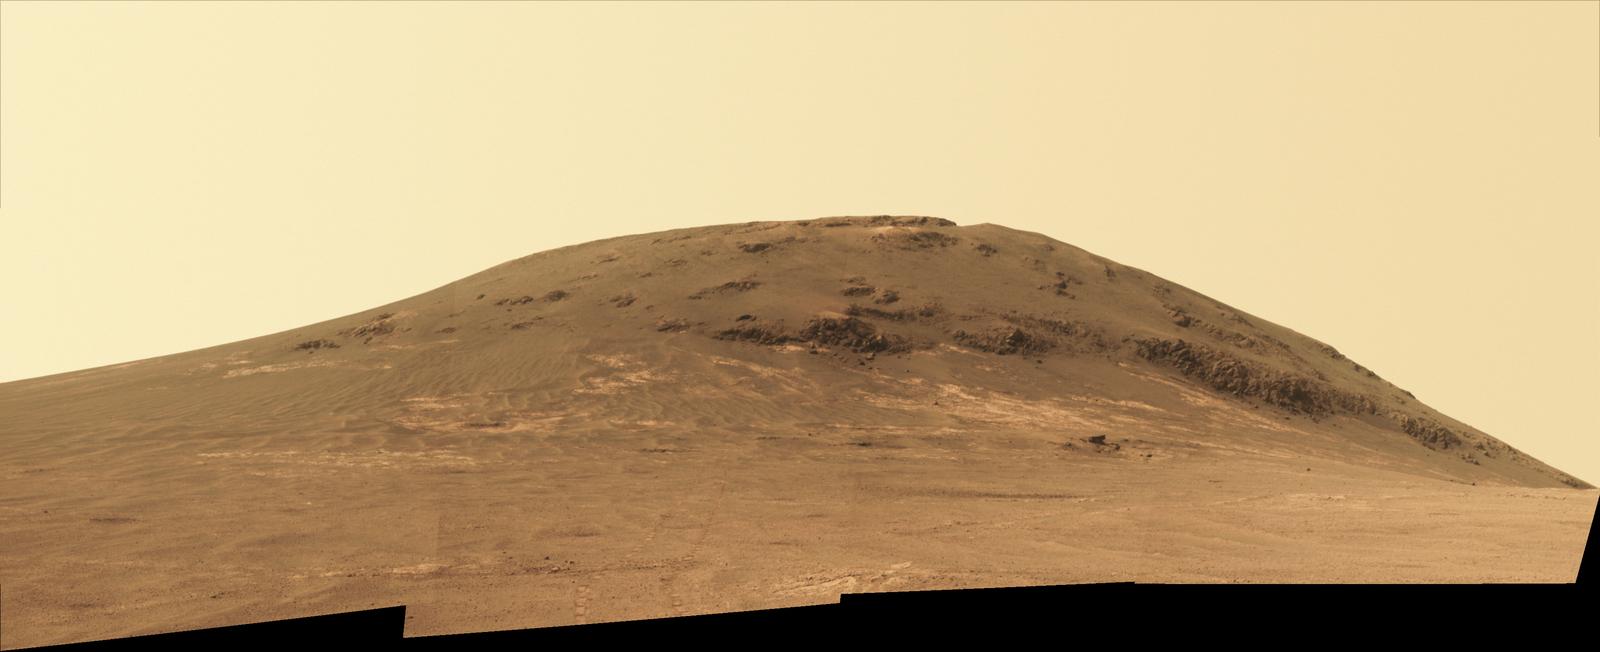 Putting Martian 'Tribulation' Behind